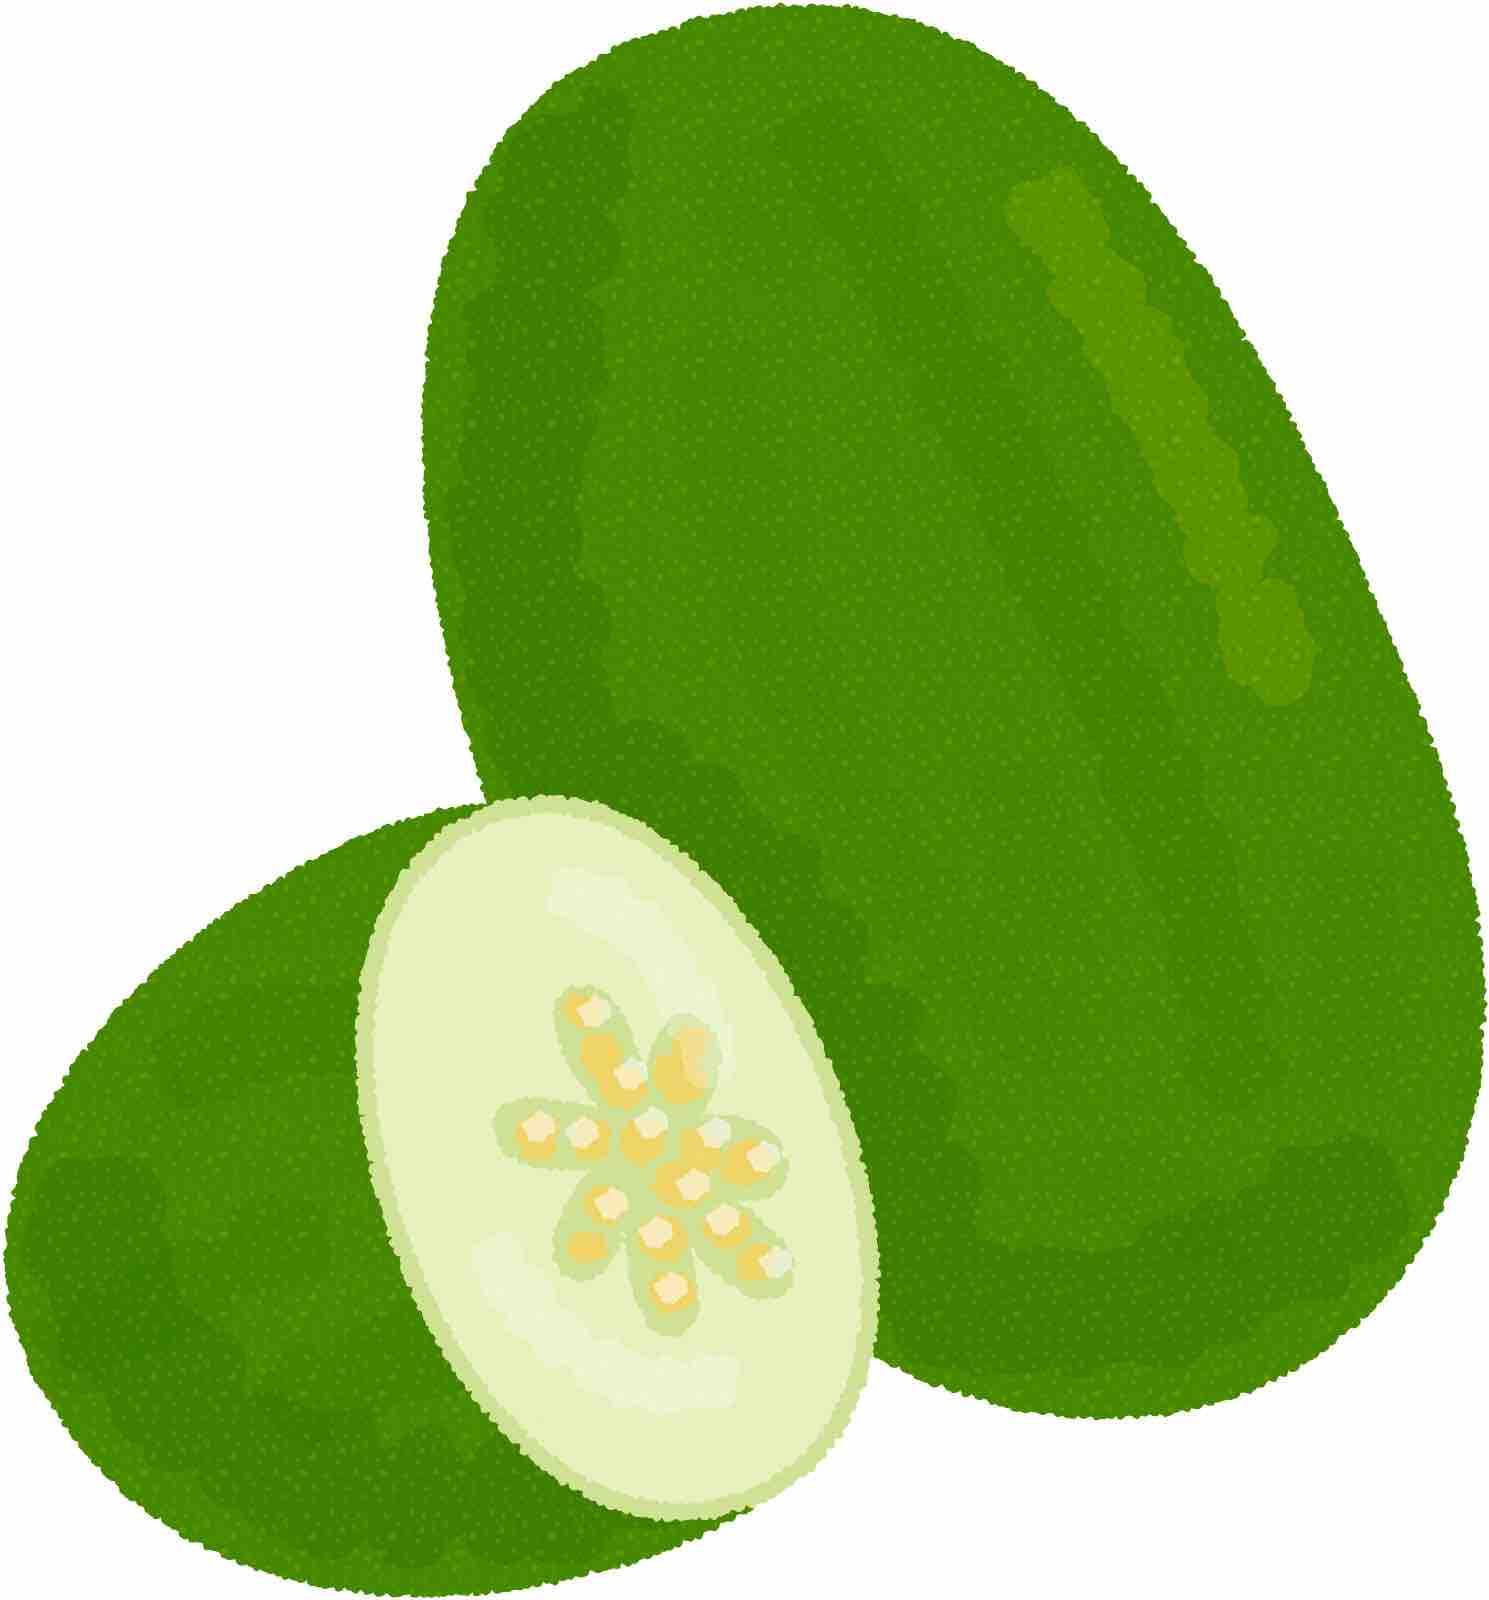 青瓜の値段・初夏には食べたい緑あざやかな瓜の特徴を紹介   FOOD LAYOUT